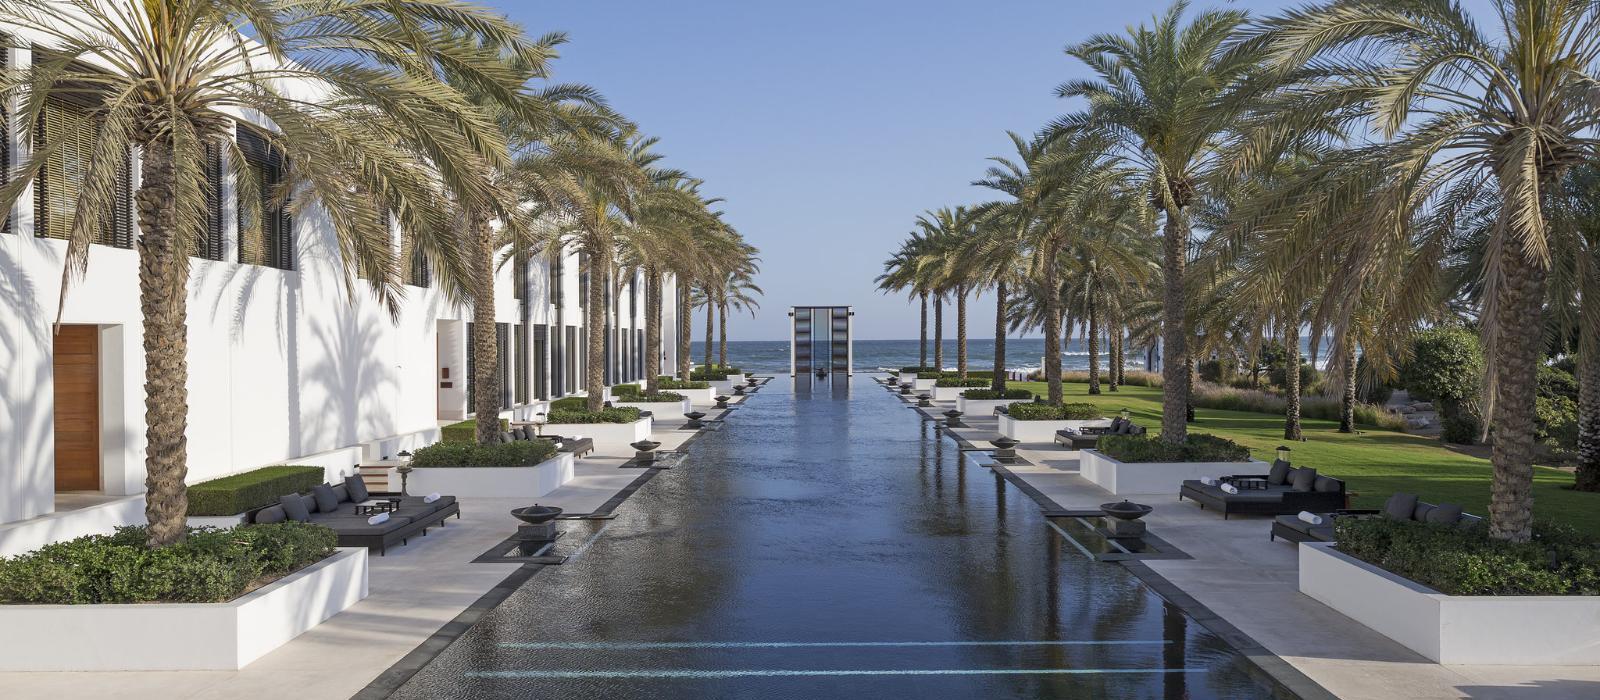 马斯喀特澈笛度假酒店(The Chedi Muscat) 图片  www.lhw.cn